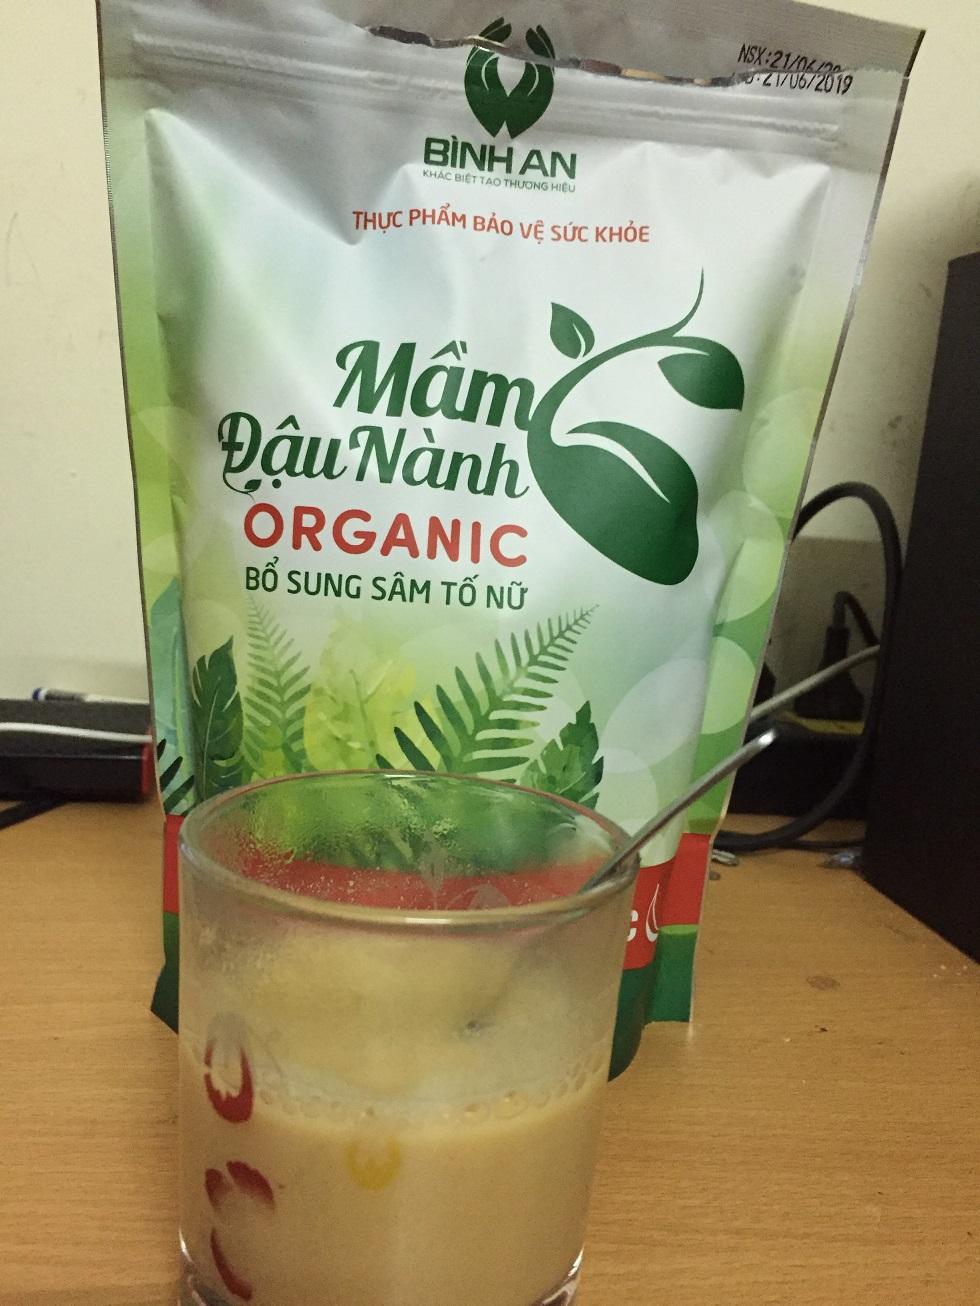 Cách sử dụng mầm đậu nành organic